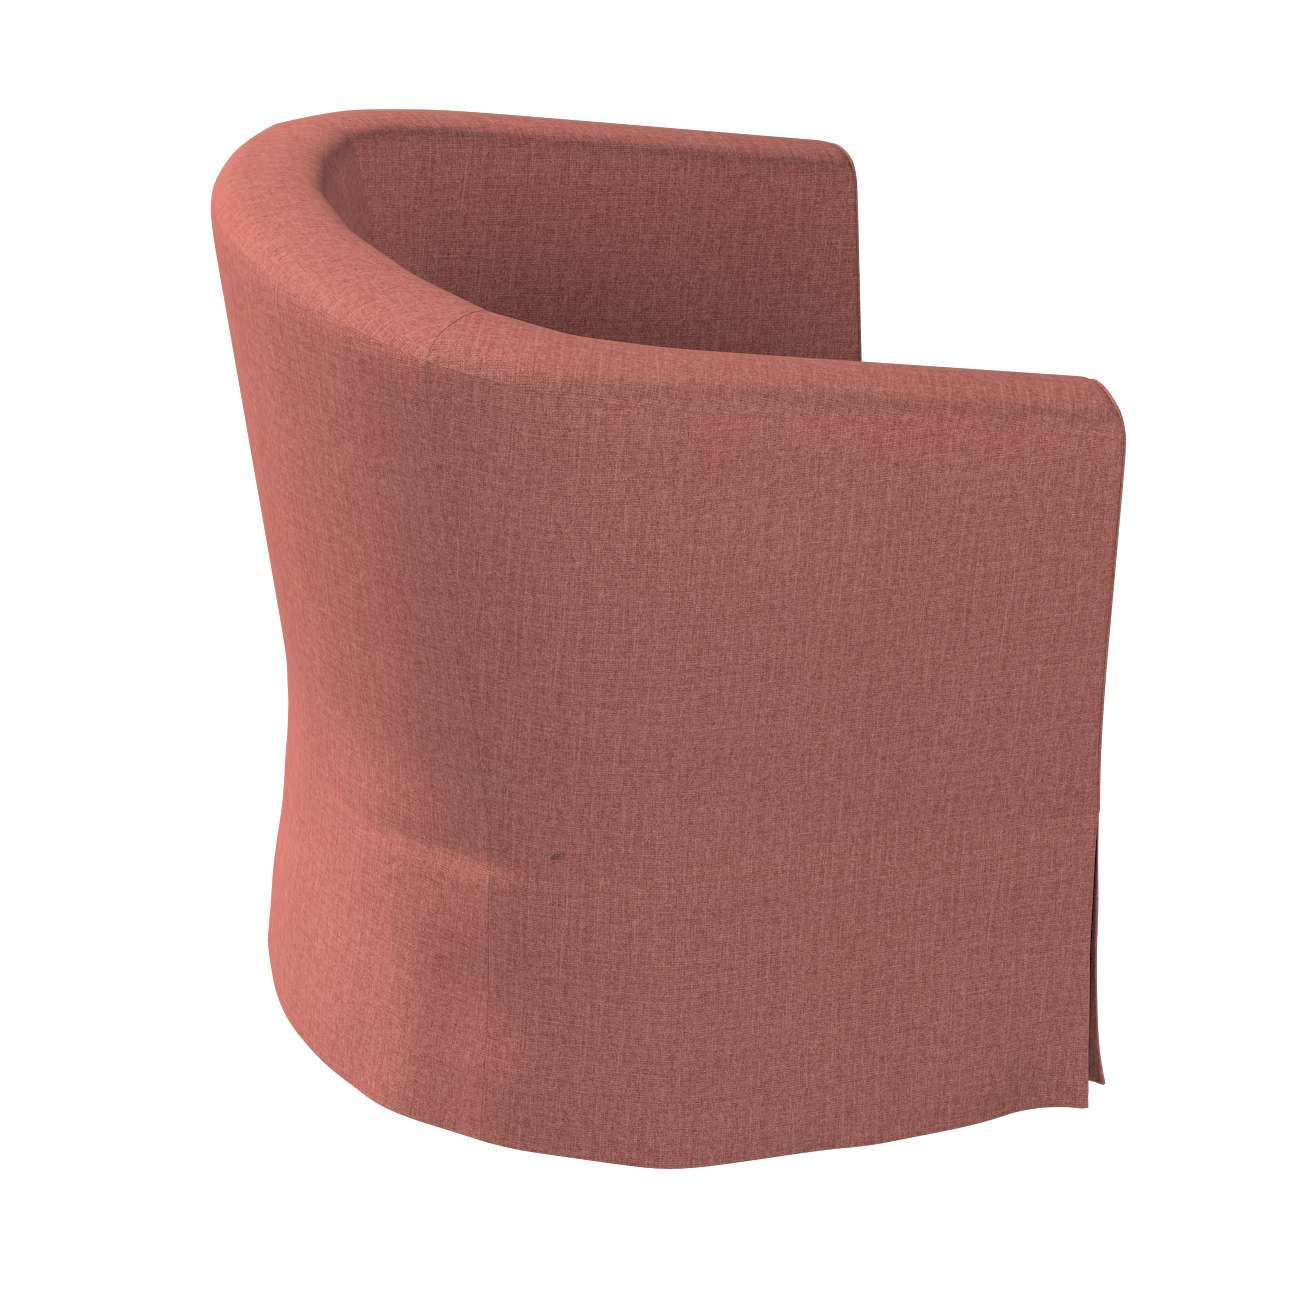 Pokrowiec na fotel Ektorp Tullsta w kolekcji City, tkanina: 704-84